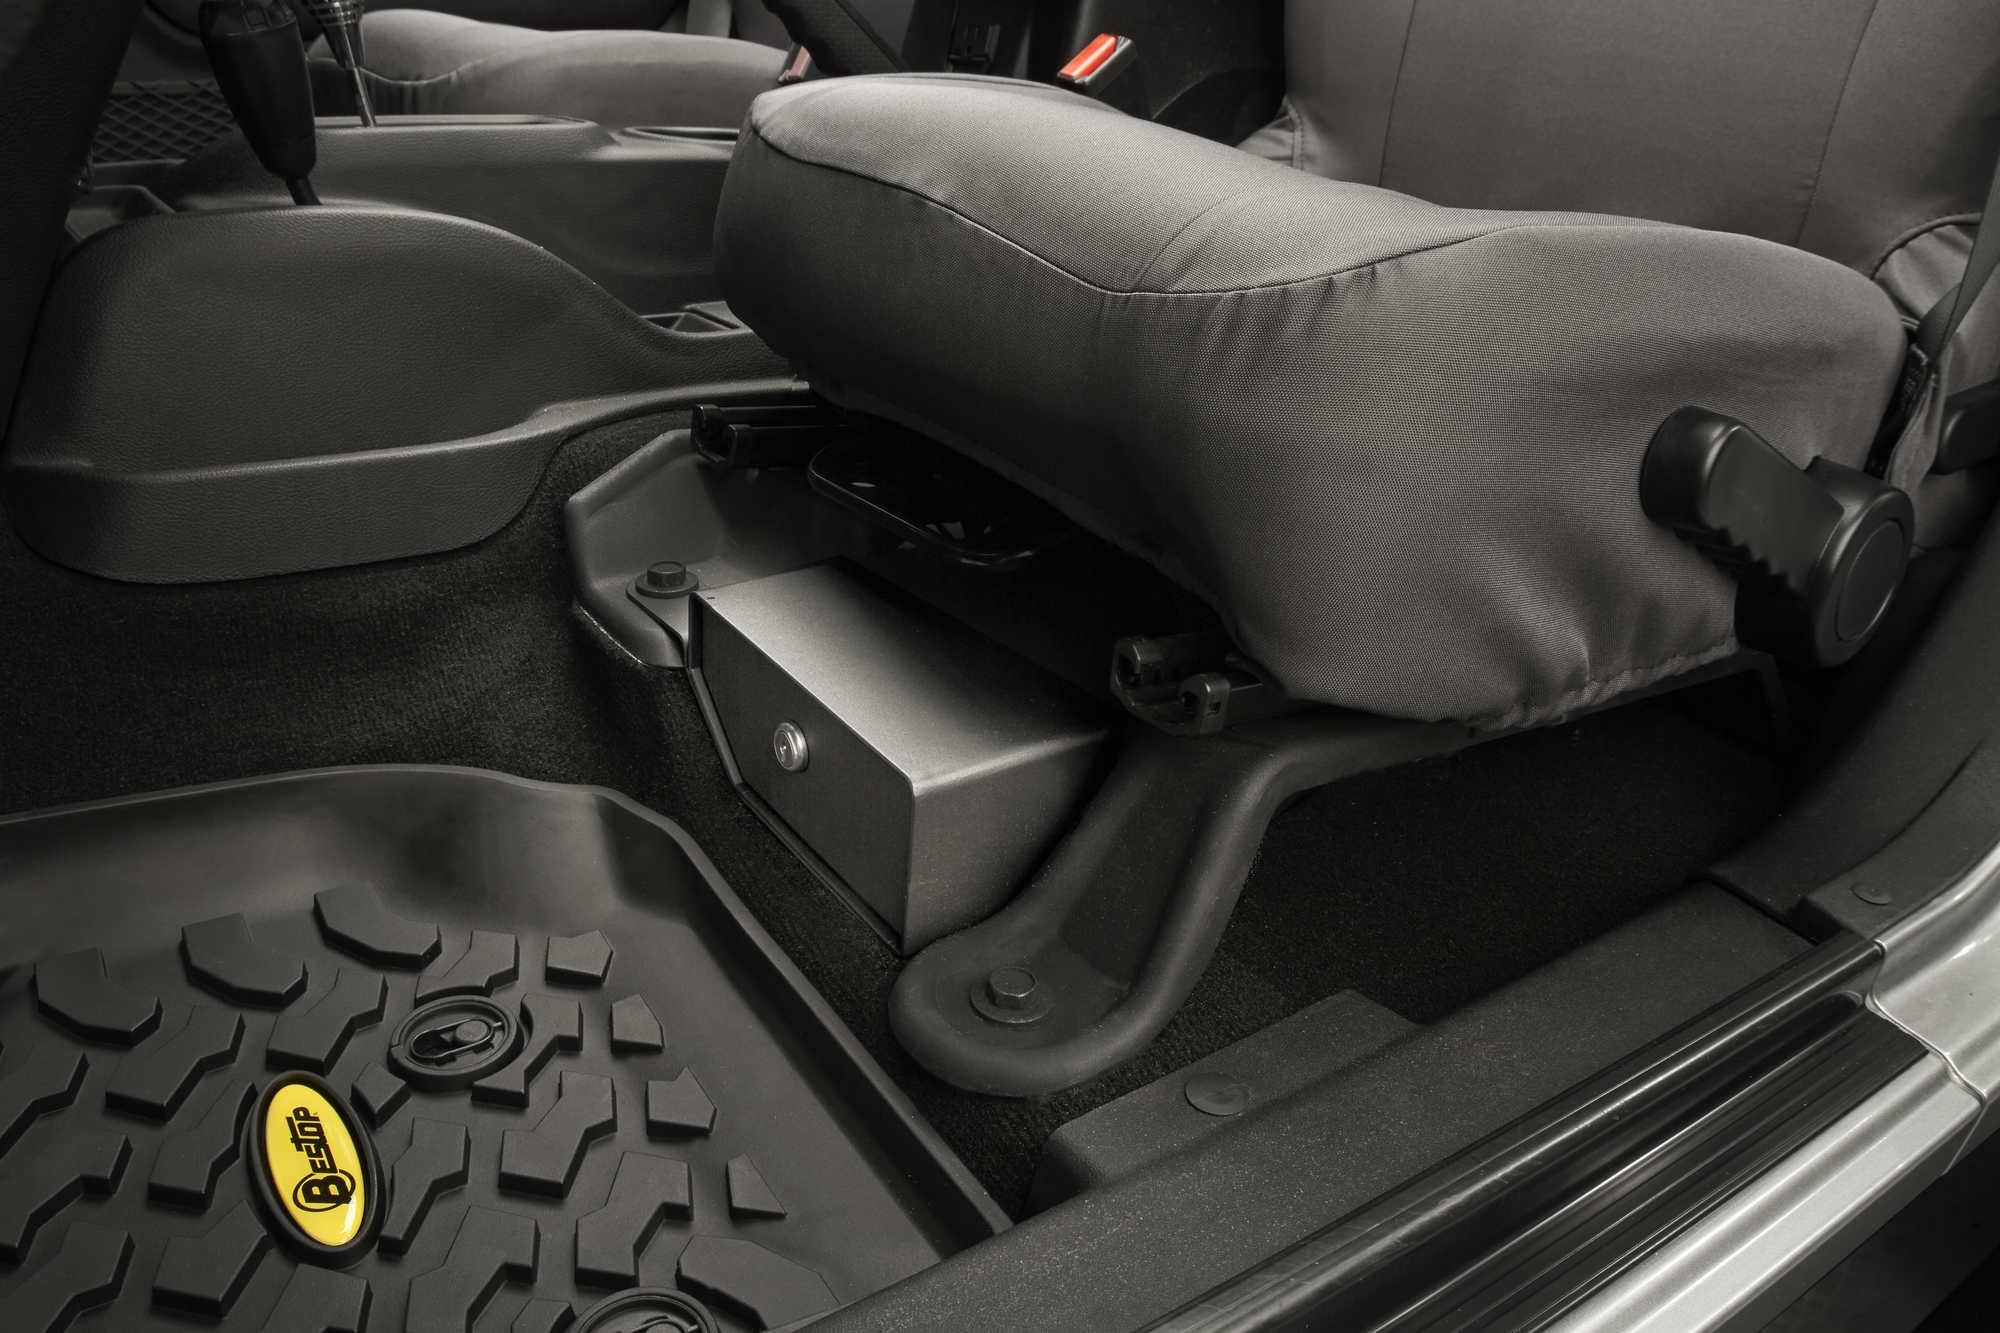 Bestop 174 Locking Under Seat Storage Box In Textured Black